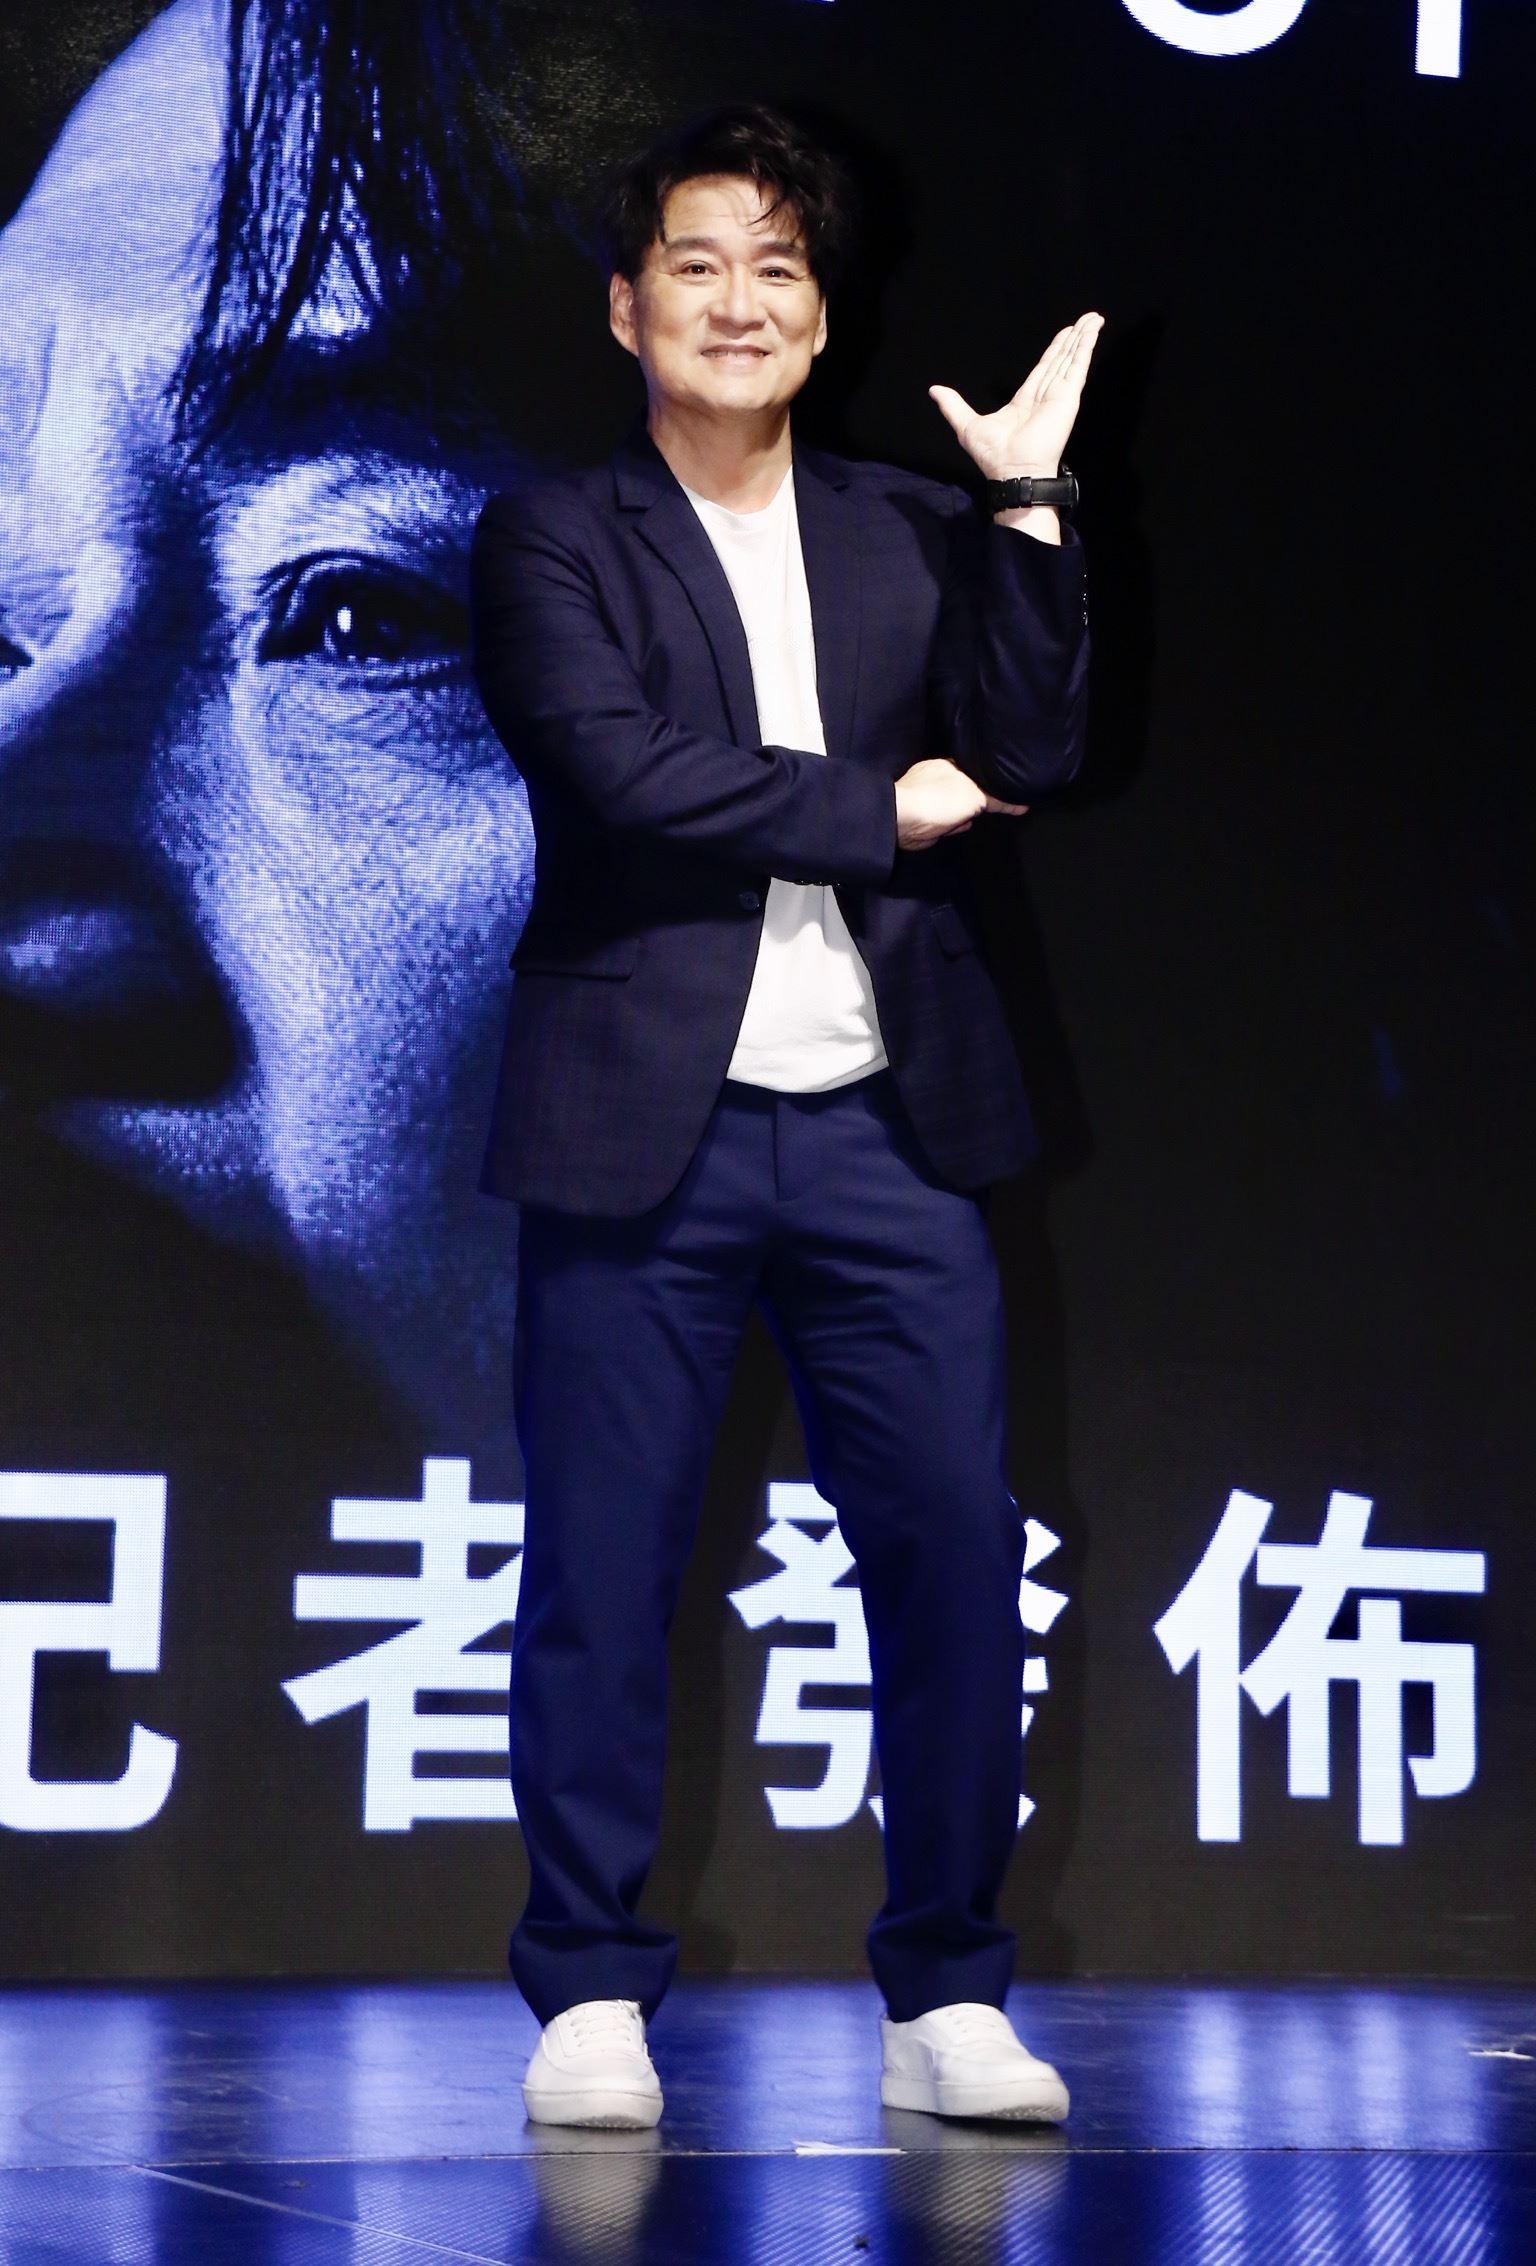 周華健「少年」專輯發表會。(圖/記者林聖凱攝影)